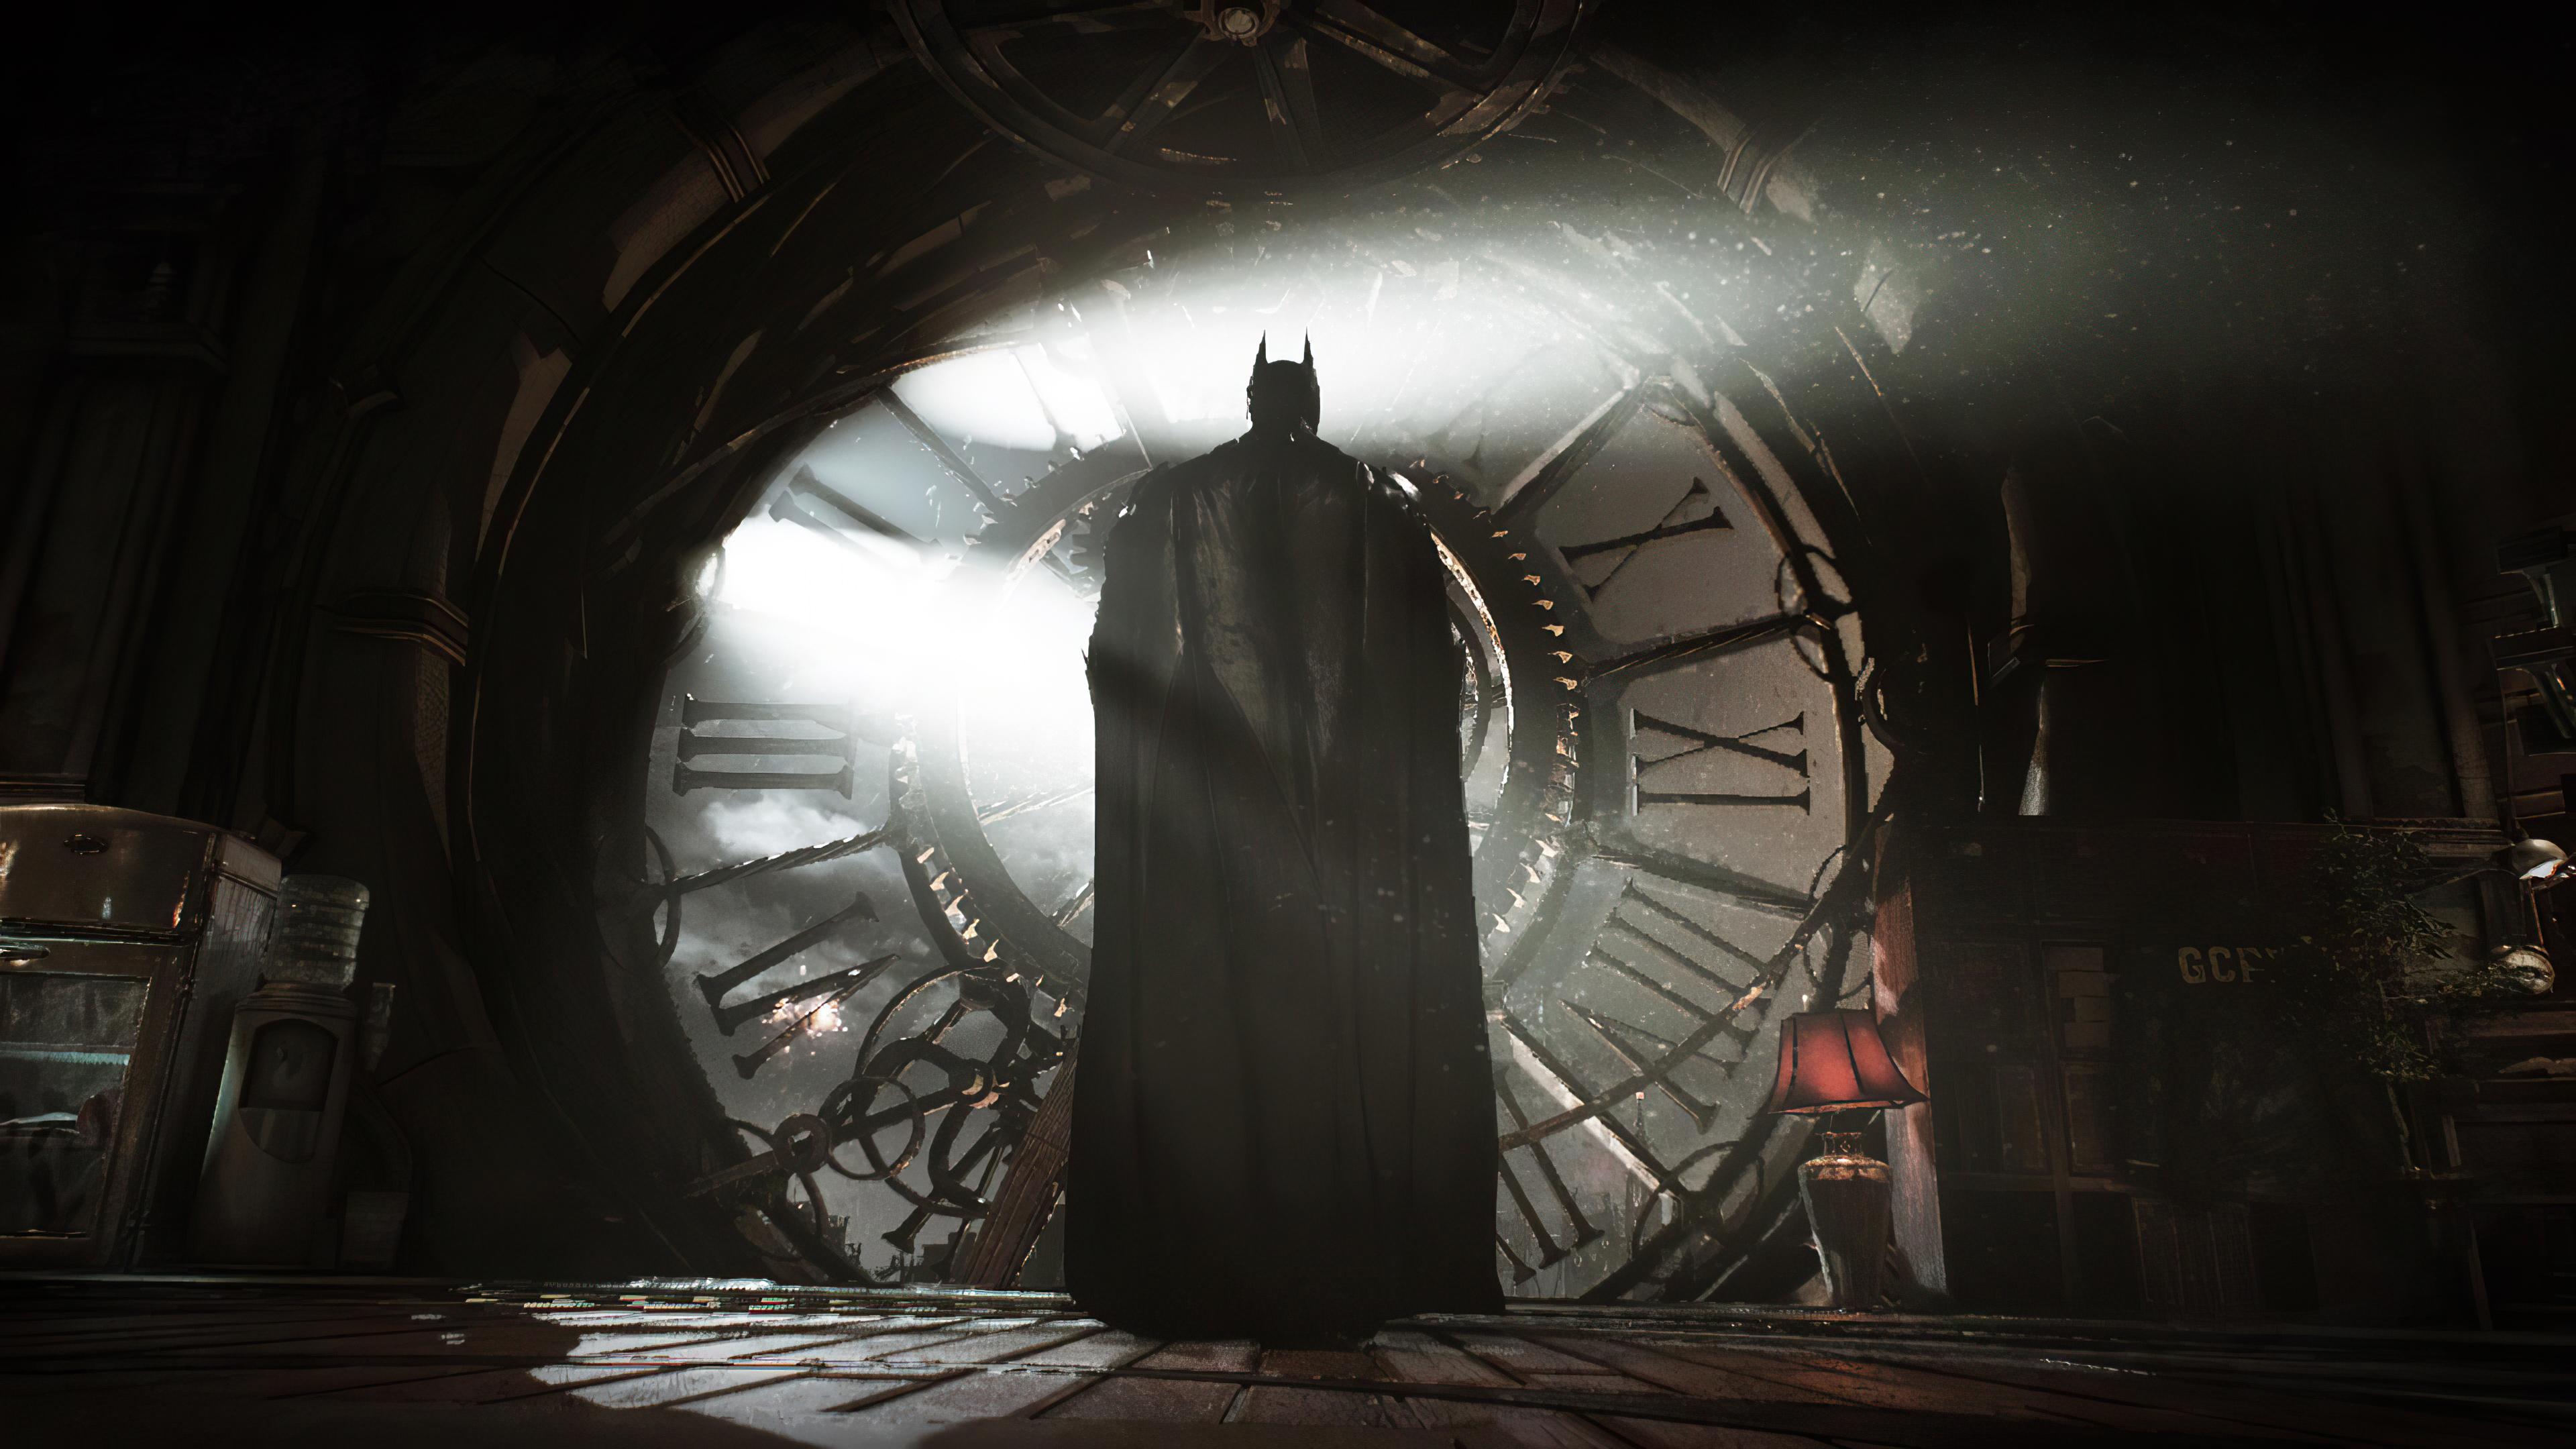 batman arkham knights 1596993927 - Batman Arkham Knights - Batman Arkham Knights wallpapers, Batman Arkham Knights 4k wallpapers